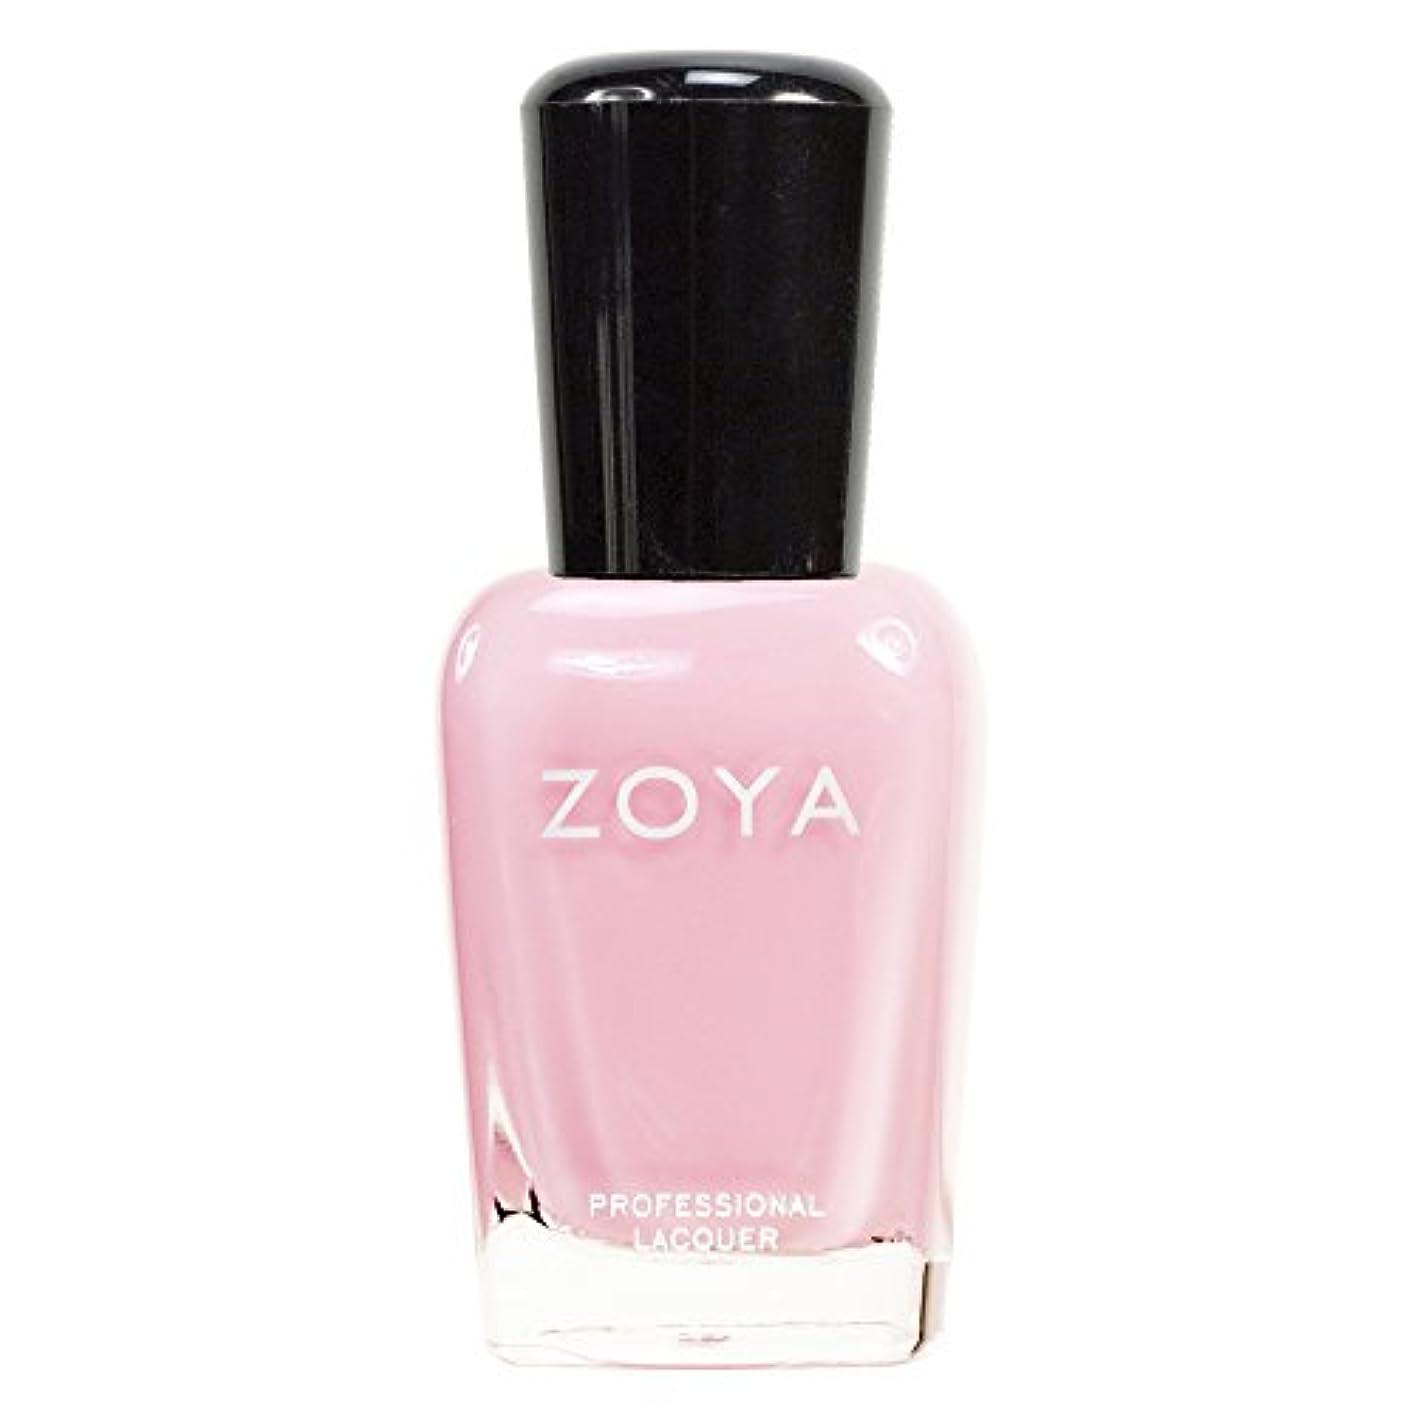 バーガー支配する話ZOYA ゾーヤ ネイルカラーZP315 BELA ベラ 15ml 淡く優しいクリーミーなピンク マット 爪にやさしいネイルラッカーマニキュア